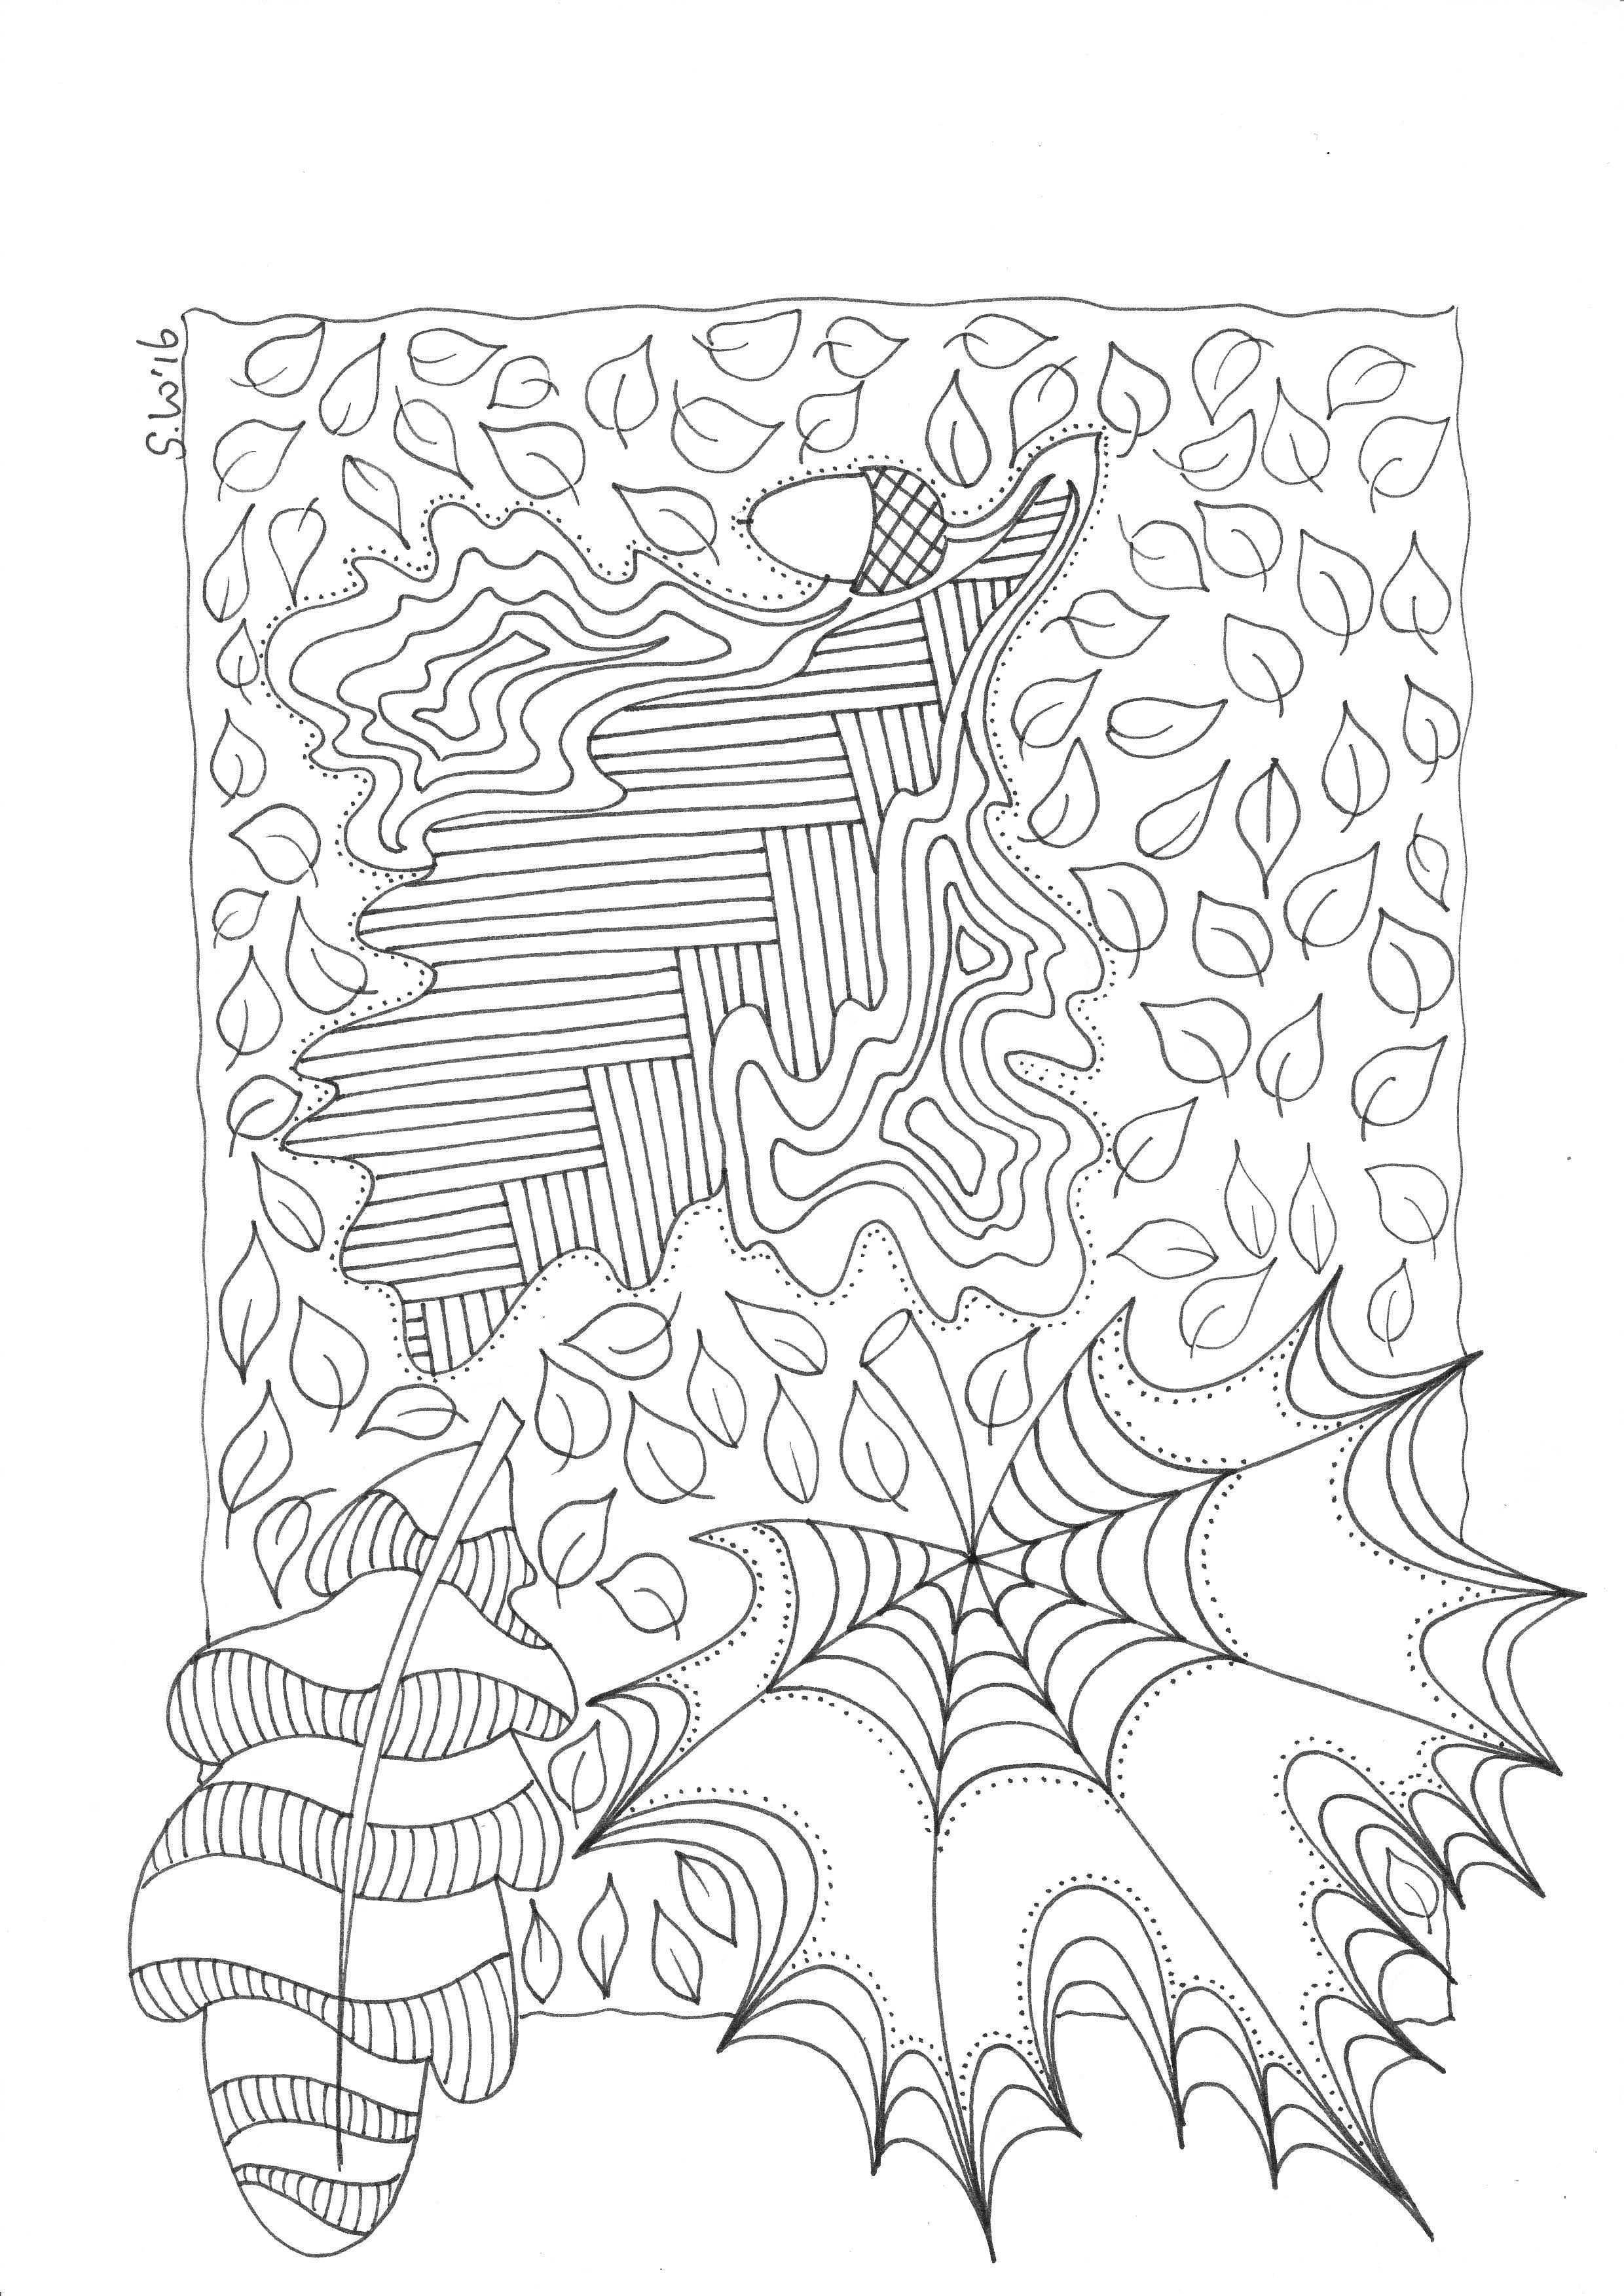 Herfst Bladeren Doodle Kleurplaten Kleuren Kleurplaten Voor Volwassenen